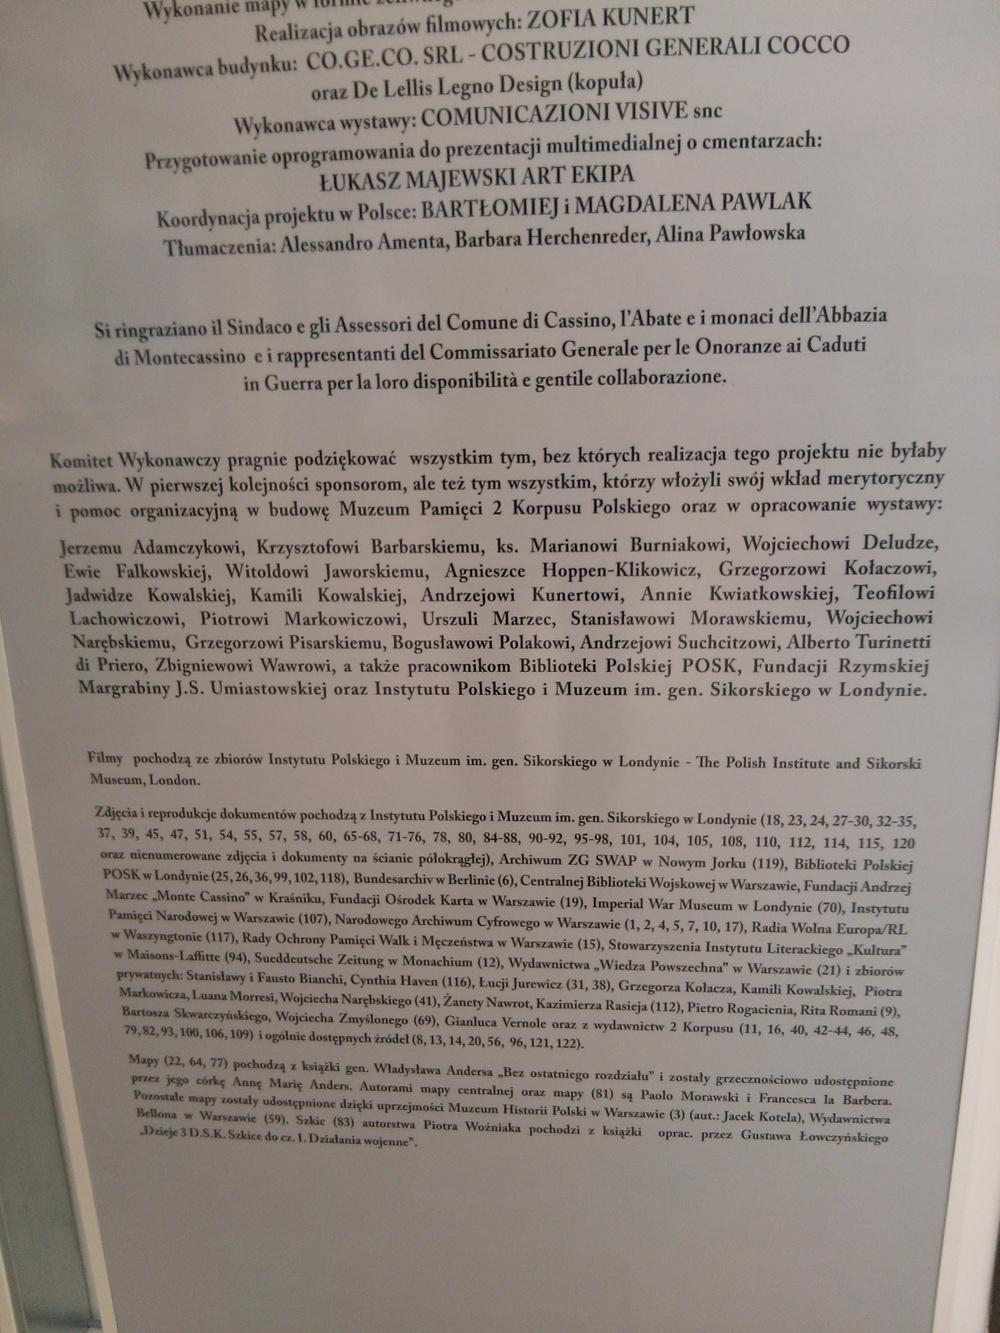 Pannello presso Cimitero Guerra Polacco a Montecassino